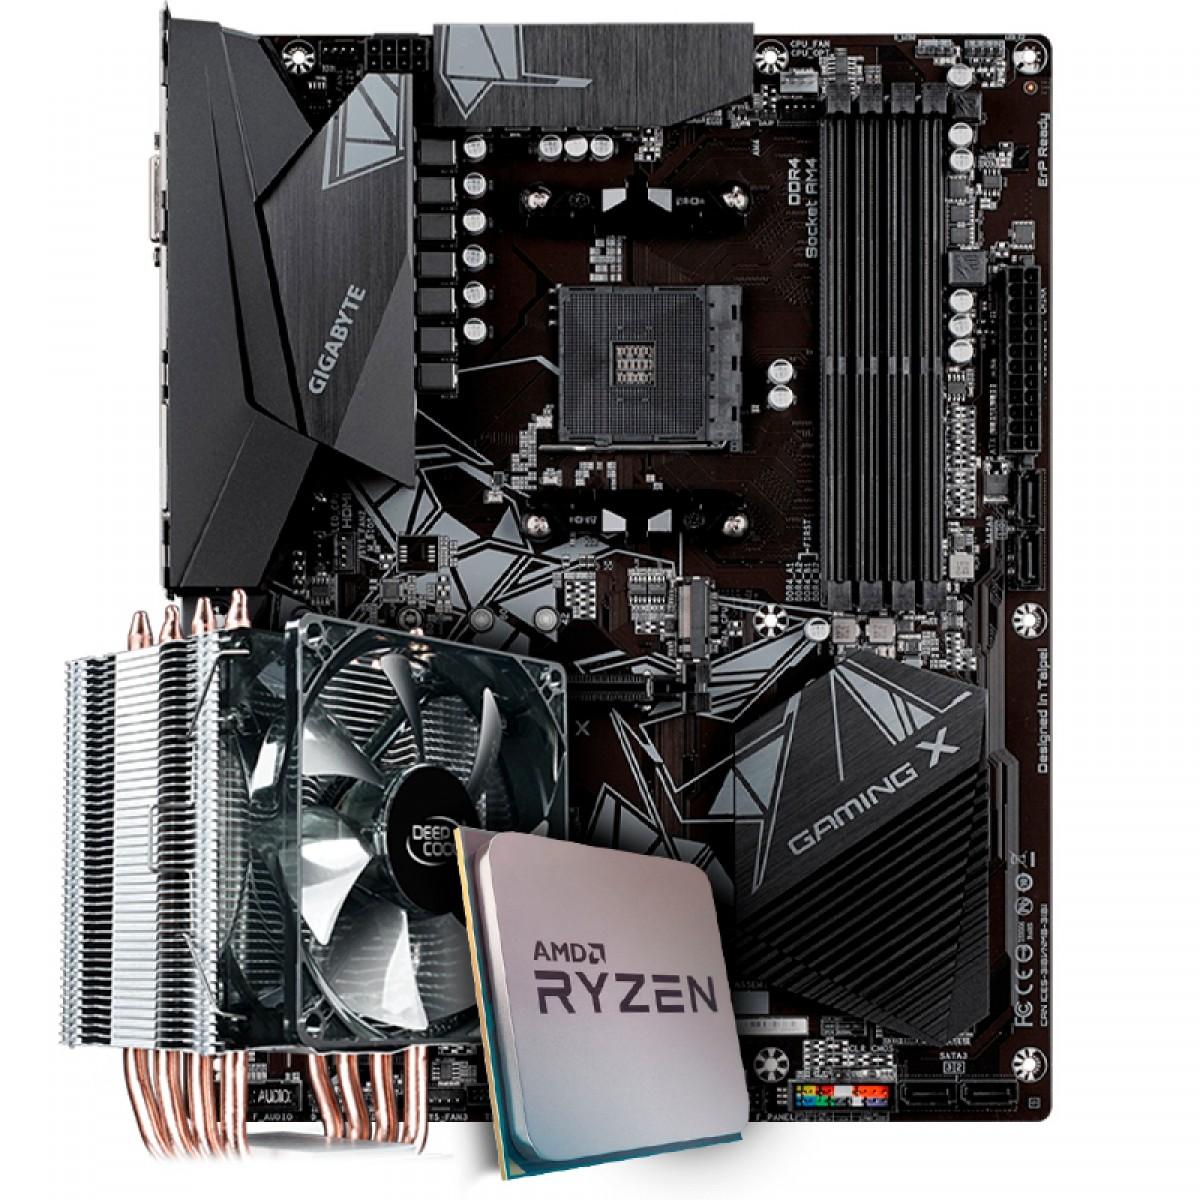 Kit Upgrade Placa Mãe Gigabyte B550 Gaming X, Chipset B550 AMD AM4 + Processador AMD Ryzen 9 3900x 3.8GHz + Cooler Deepcool Gammaxx